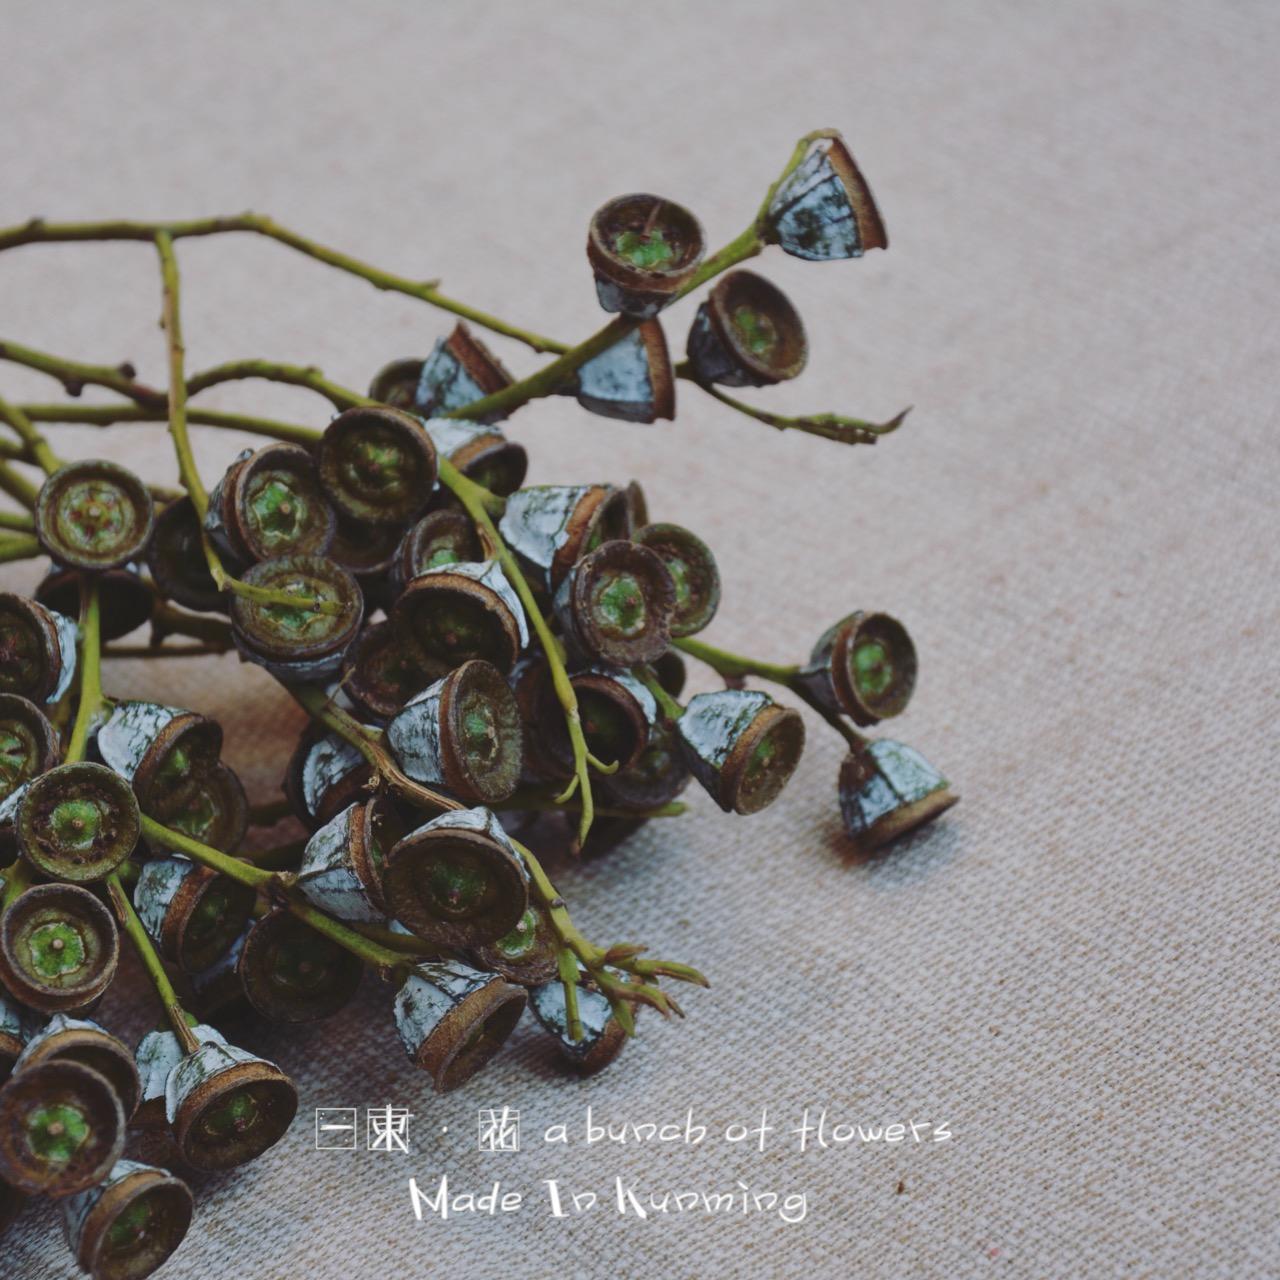 Эвкалипт монеты фрукты сухие цветы вечная жизнь цветок букет магазин домой дизайн комната мягкий наряд цветочная композиция стрельба реквизит